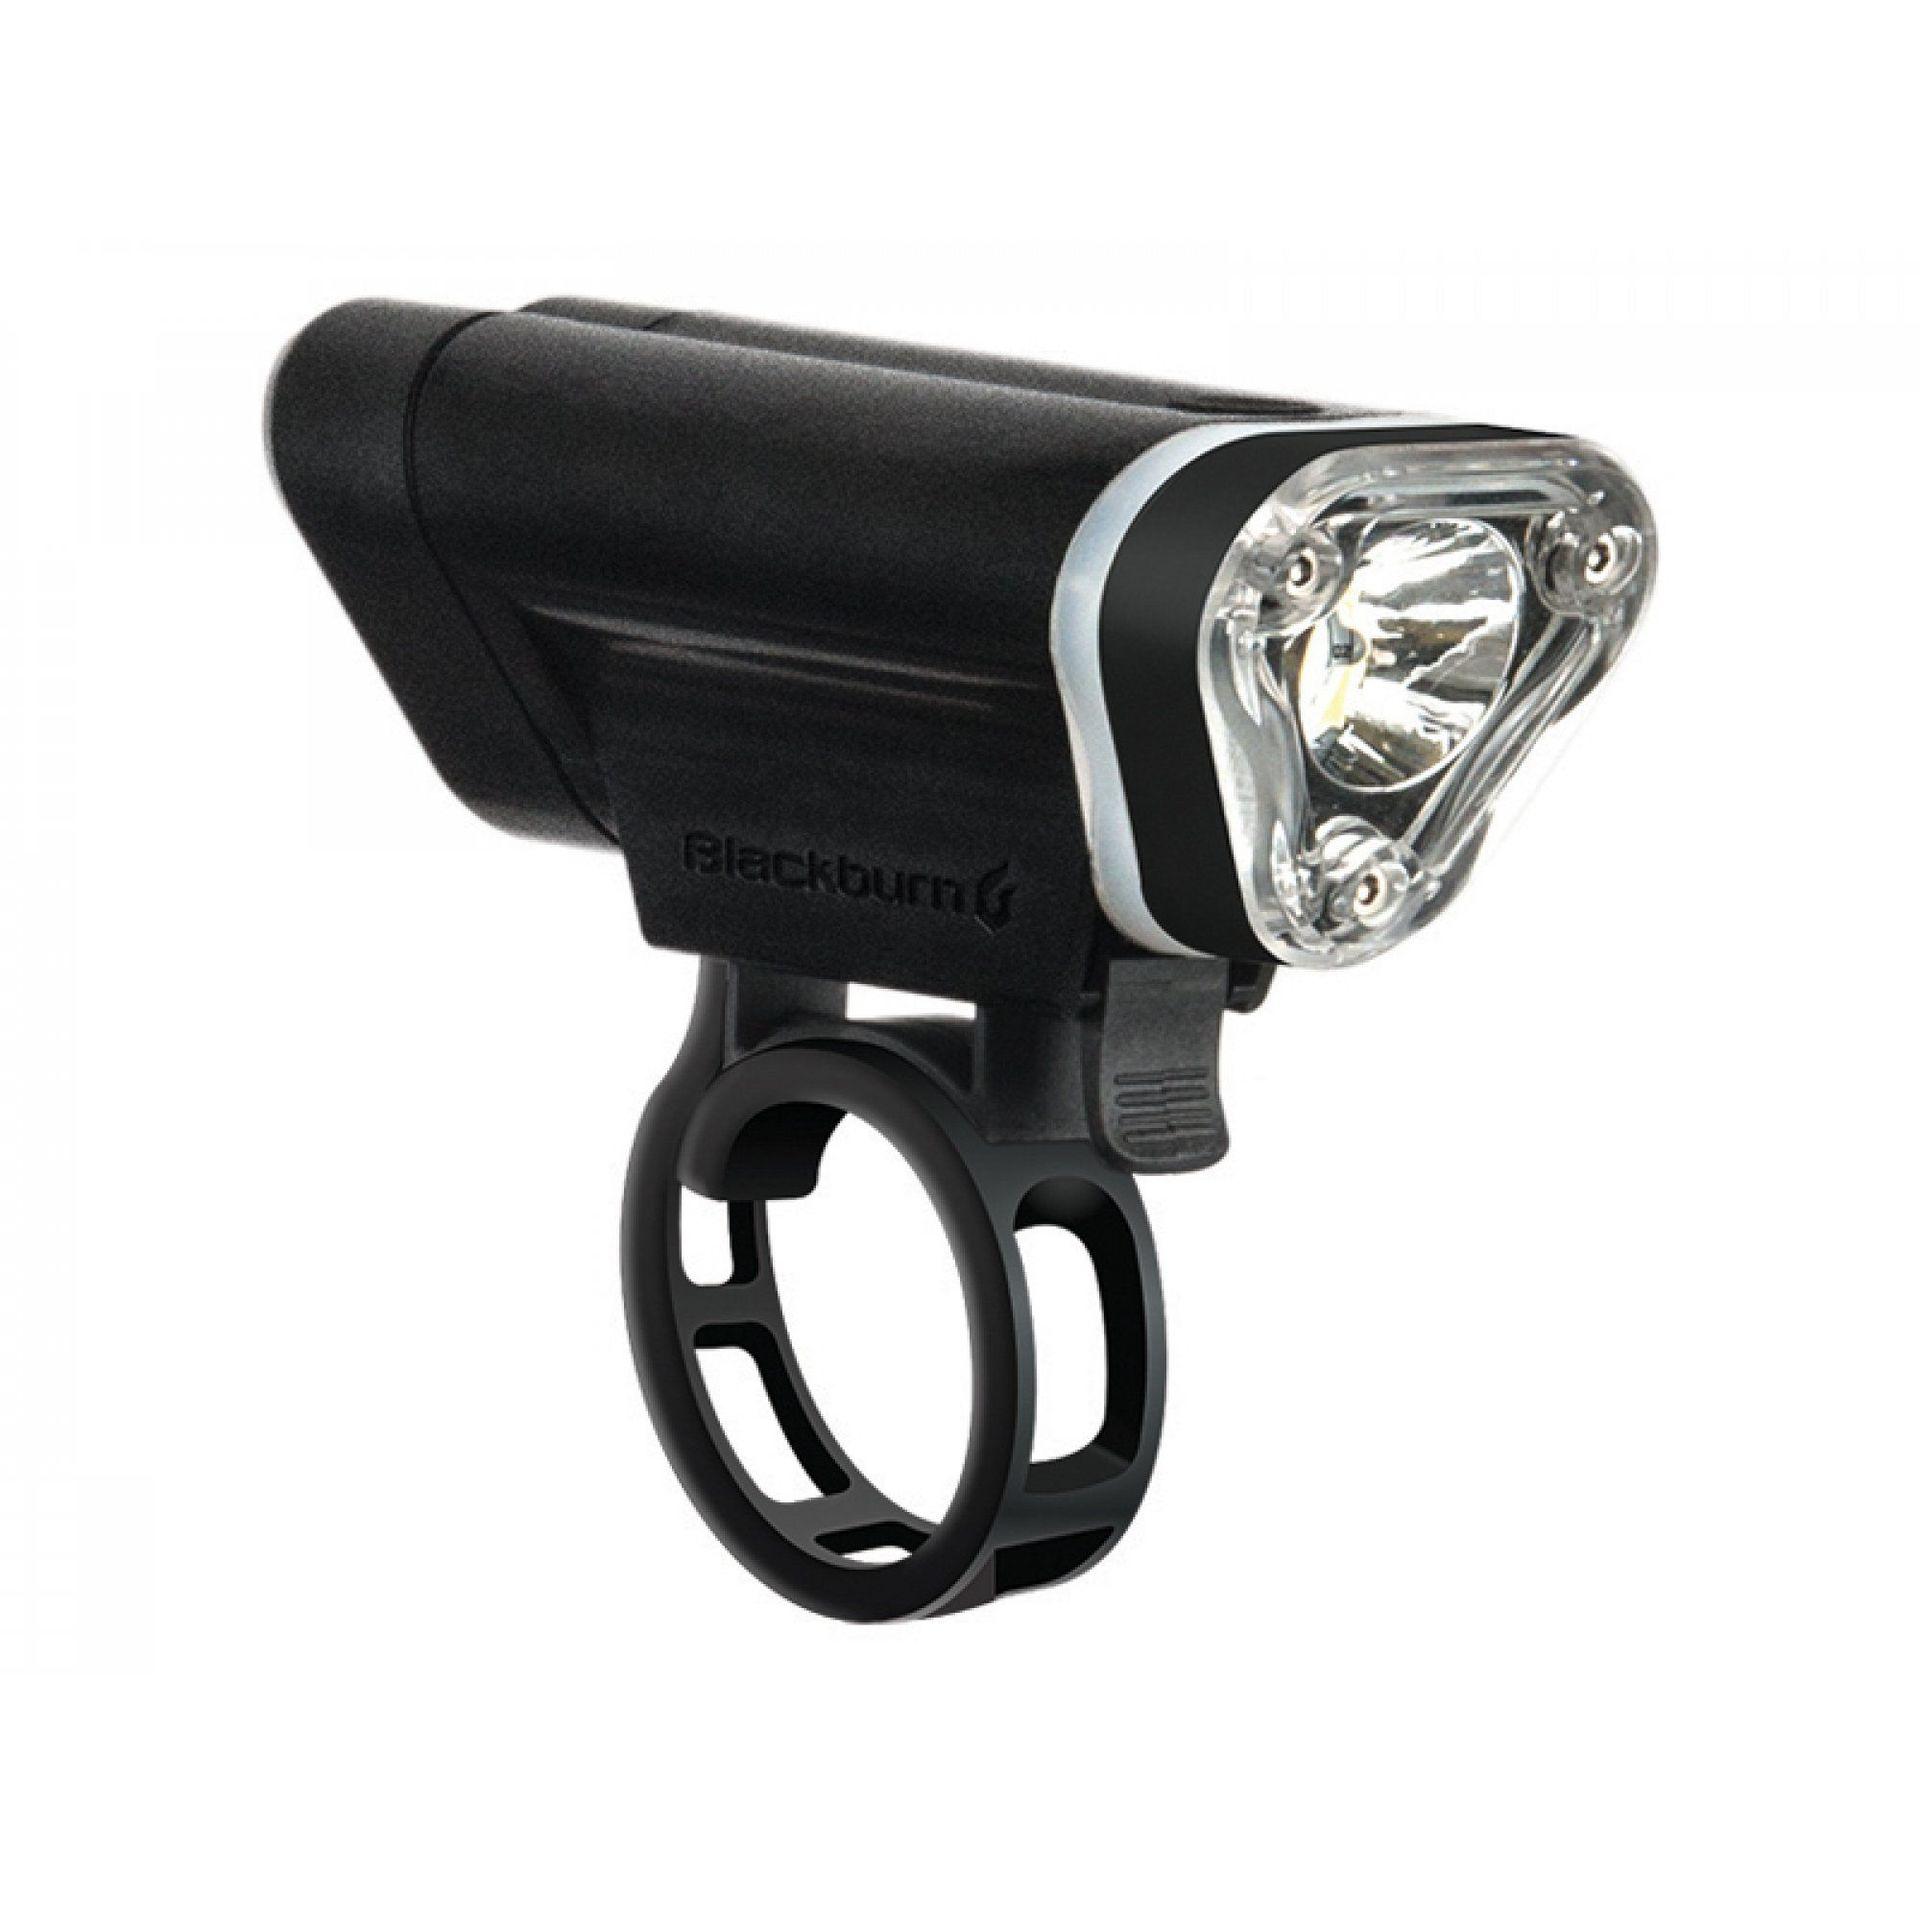 LAMPKA ROWEROWA PRZEDNIA BLACKBURN LOCAL 50 CZARNY 1